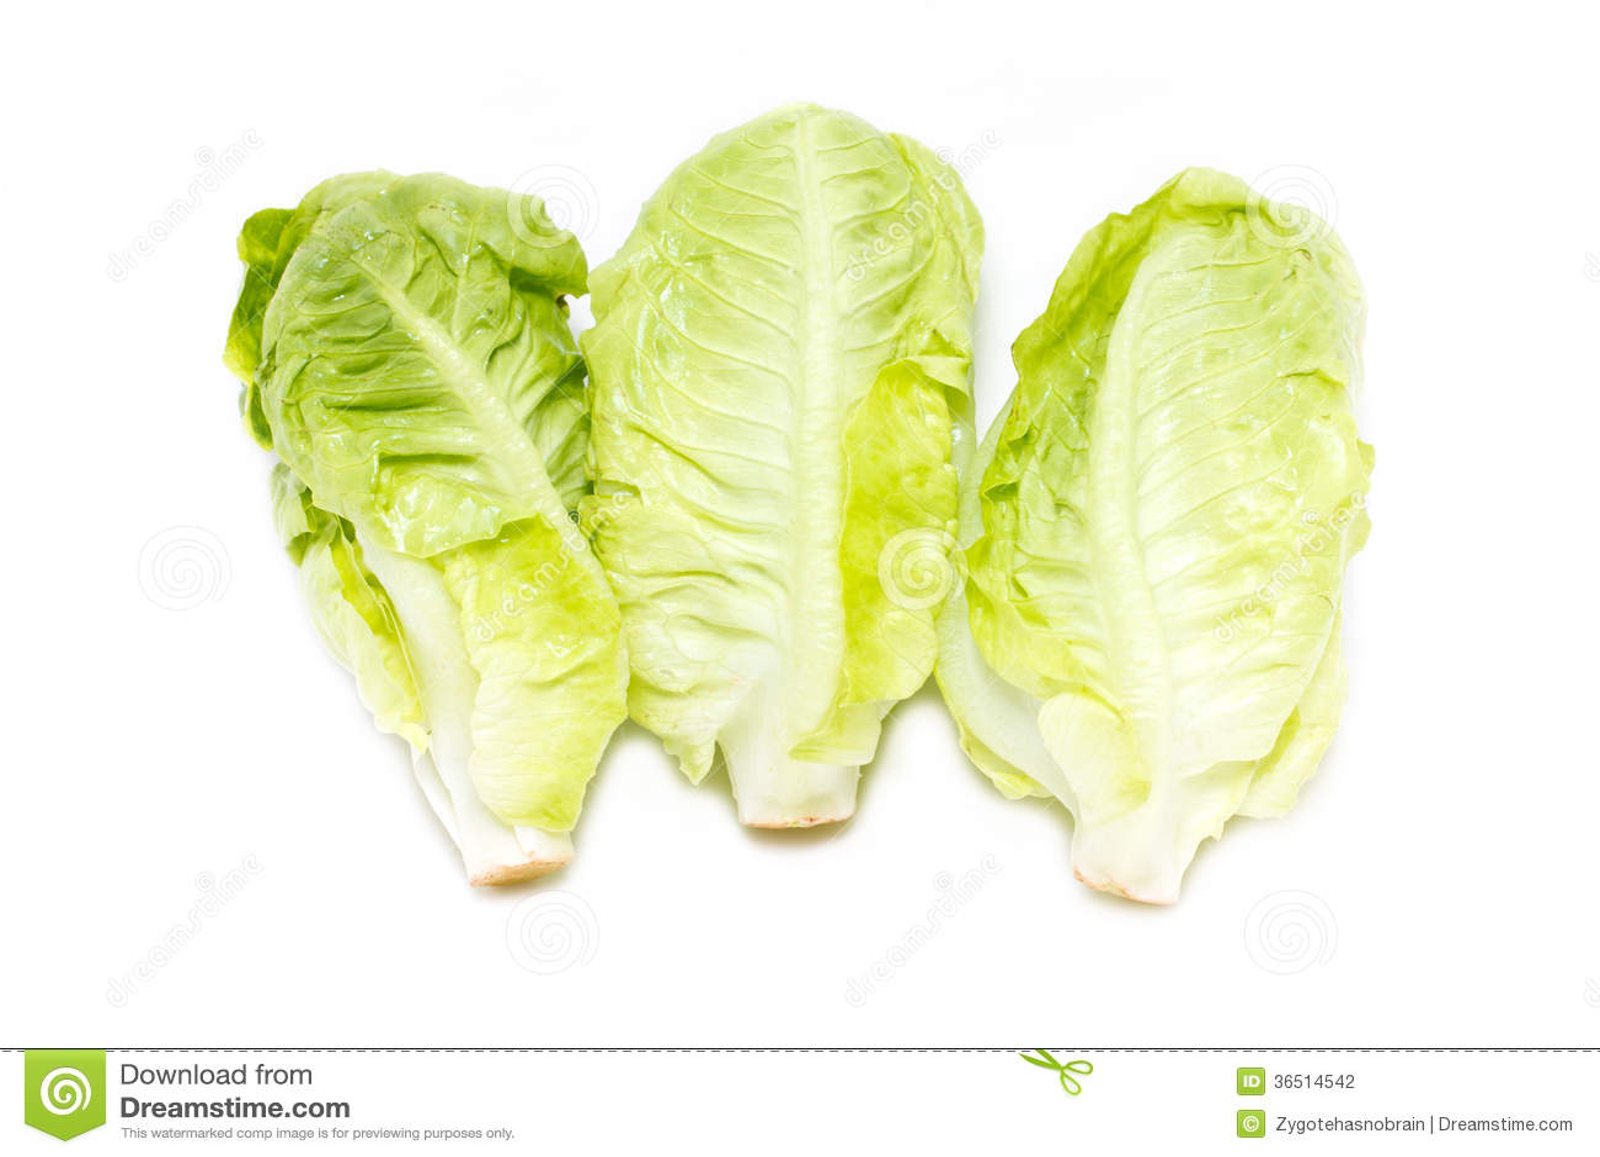 Bébé Cos Lettuce.